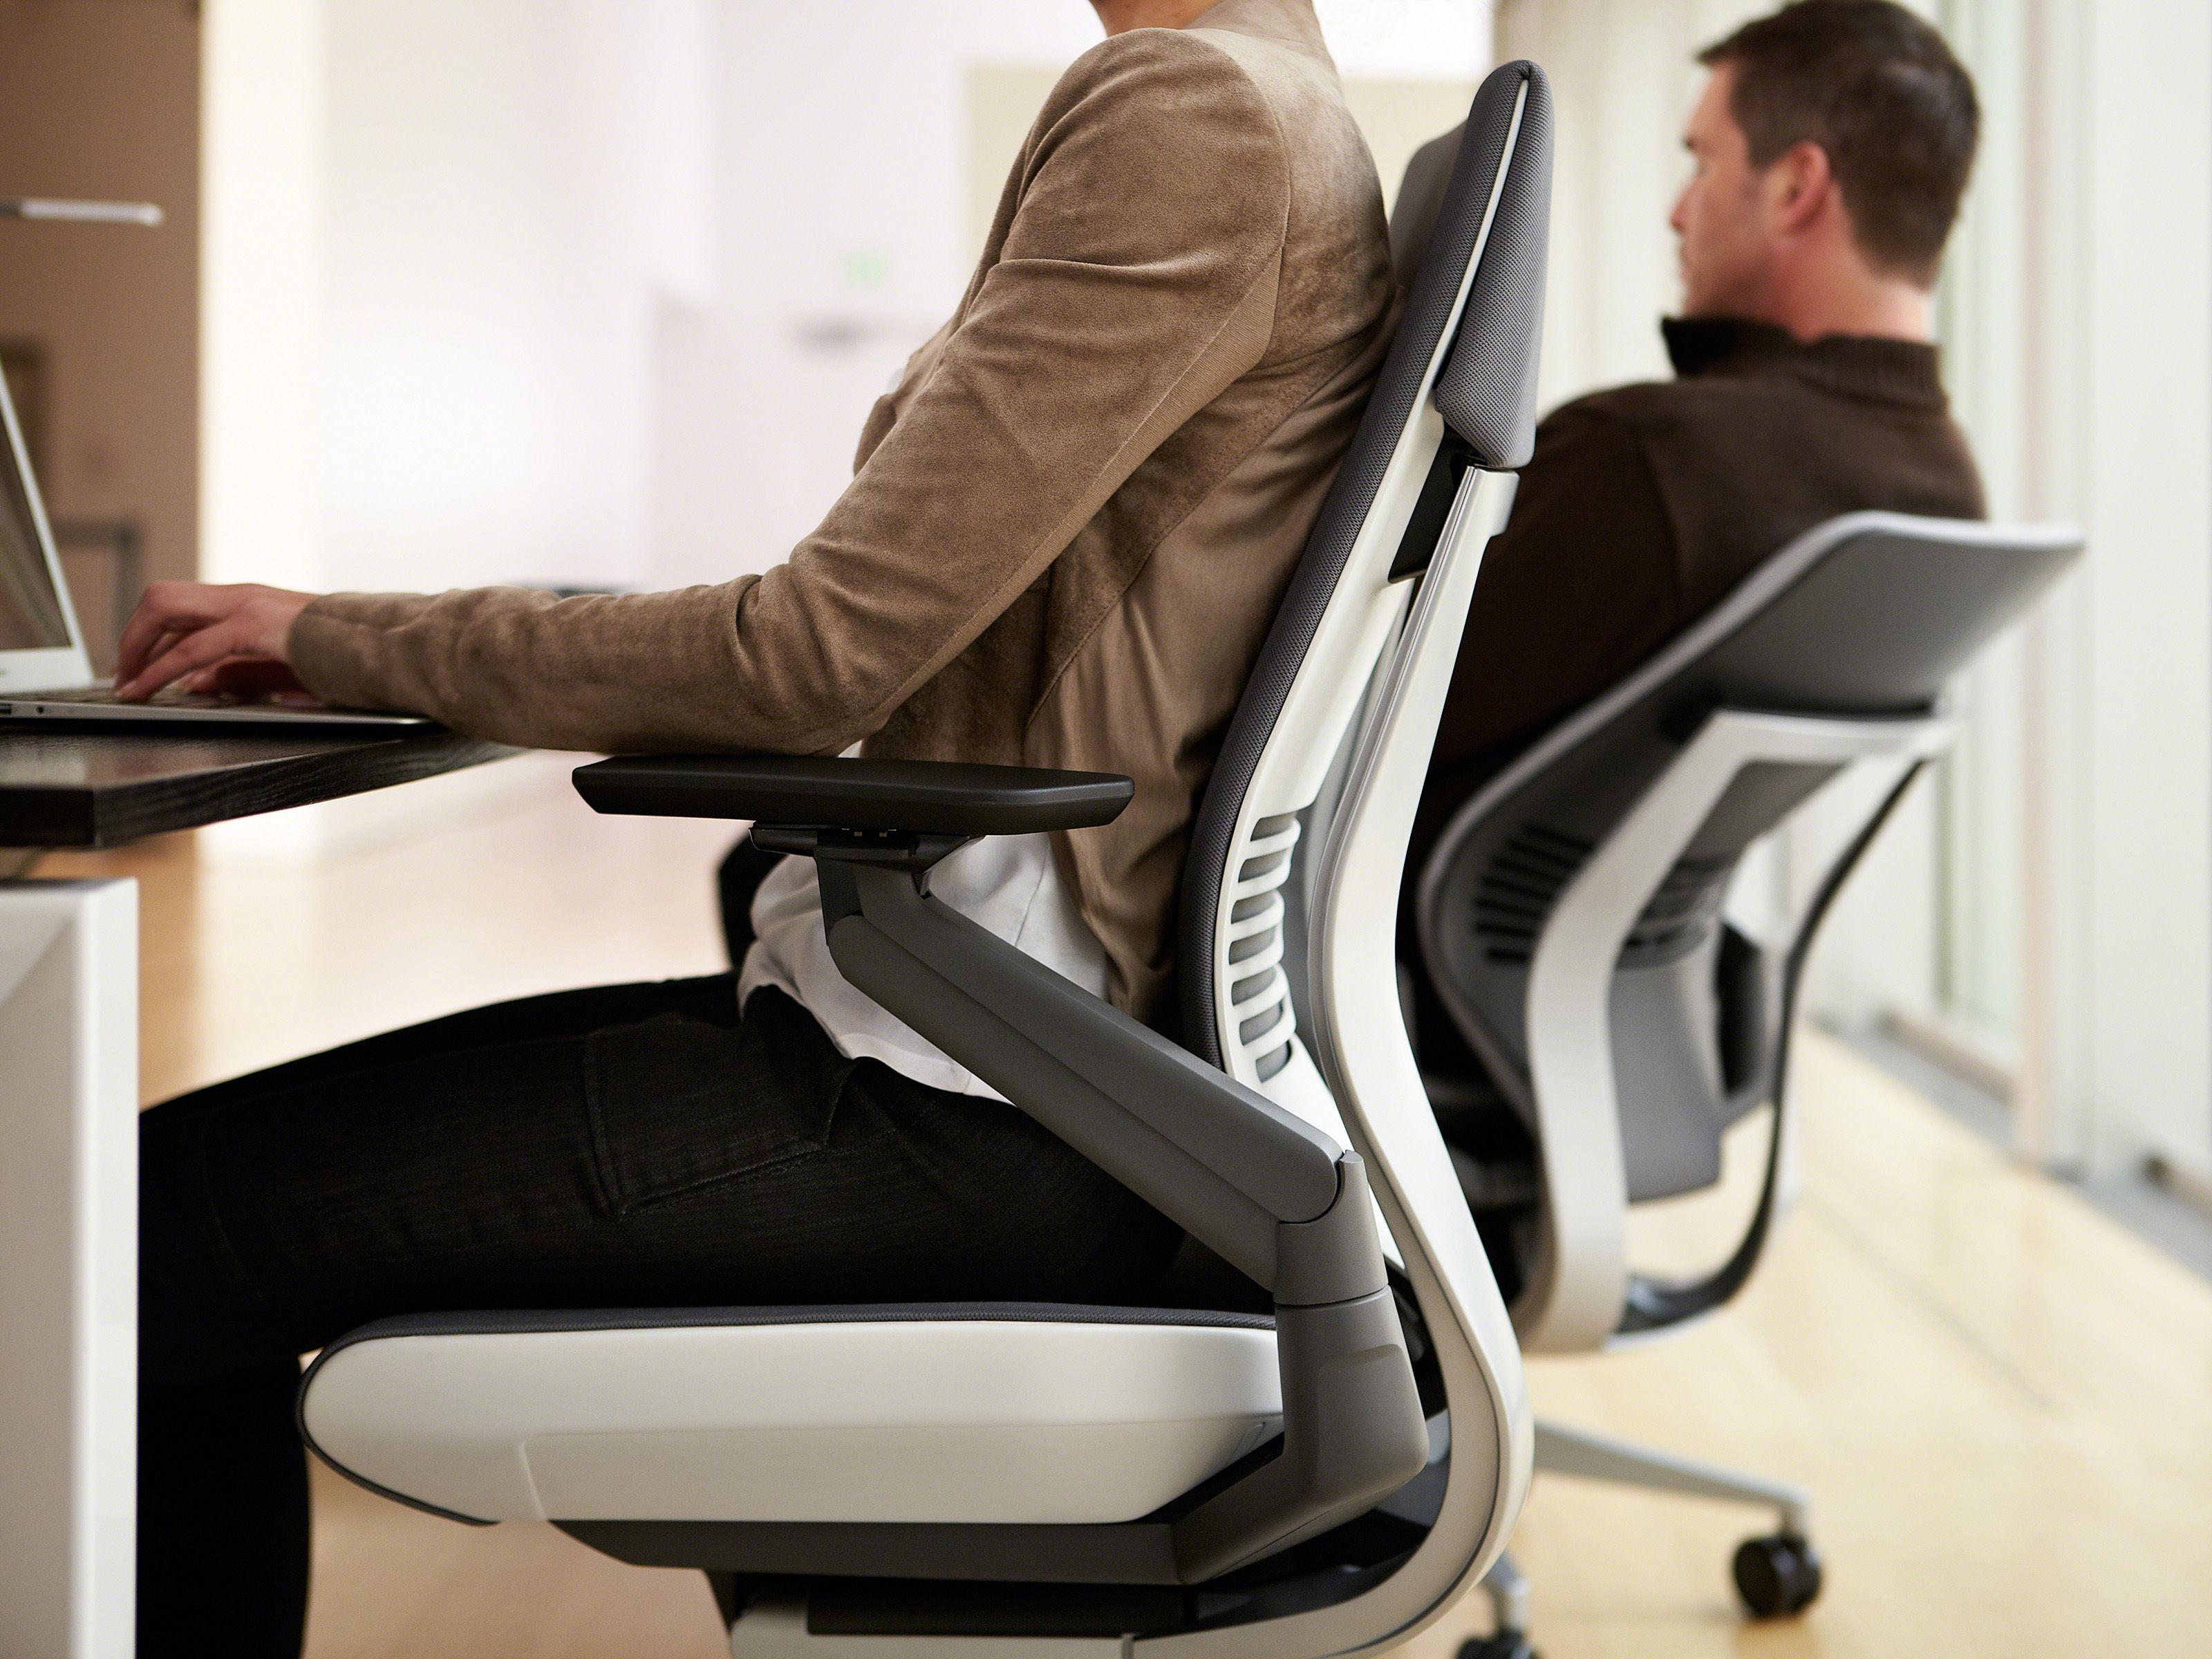 Gesture Ergonomic Office Desk Chair Steelcase Ergonomic Chair Best Chair For Posture Desk Chair